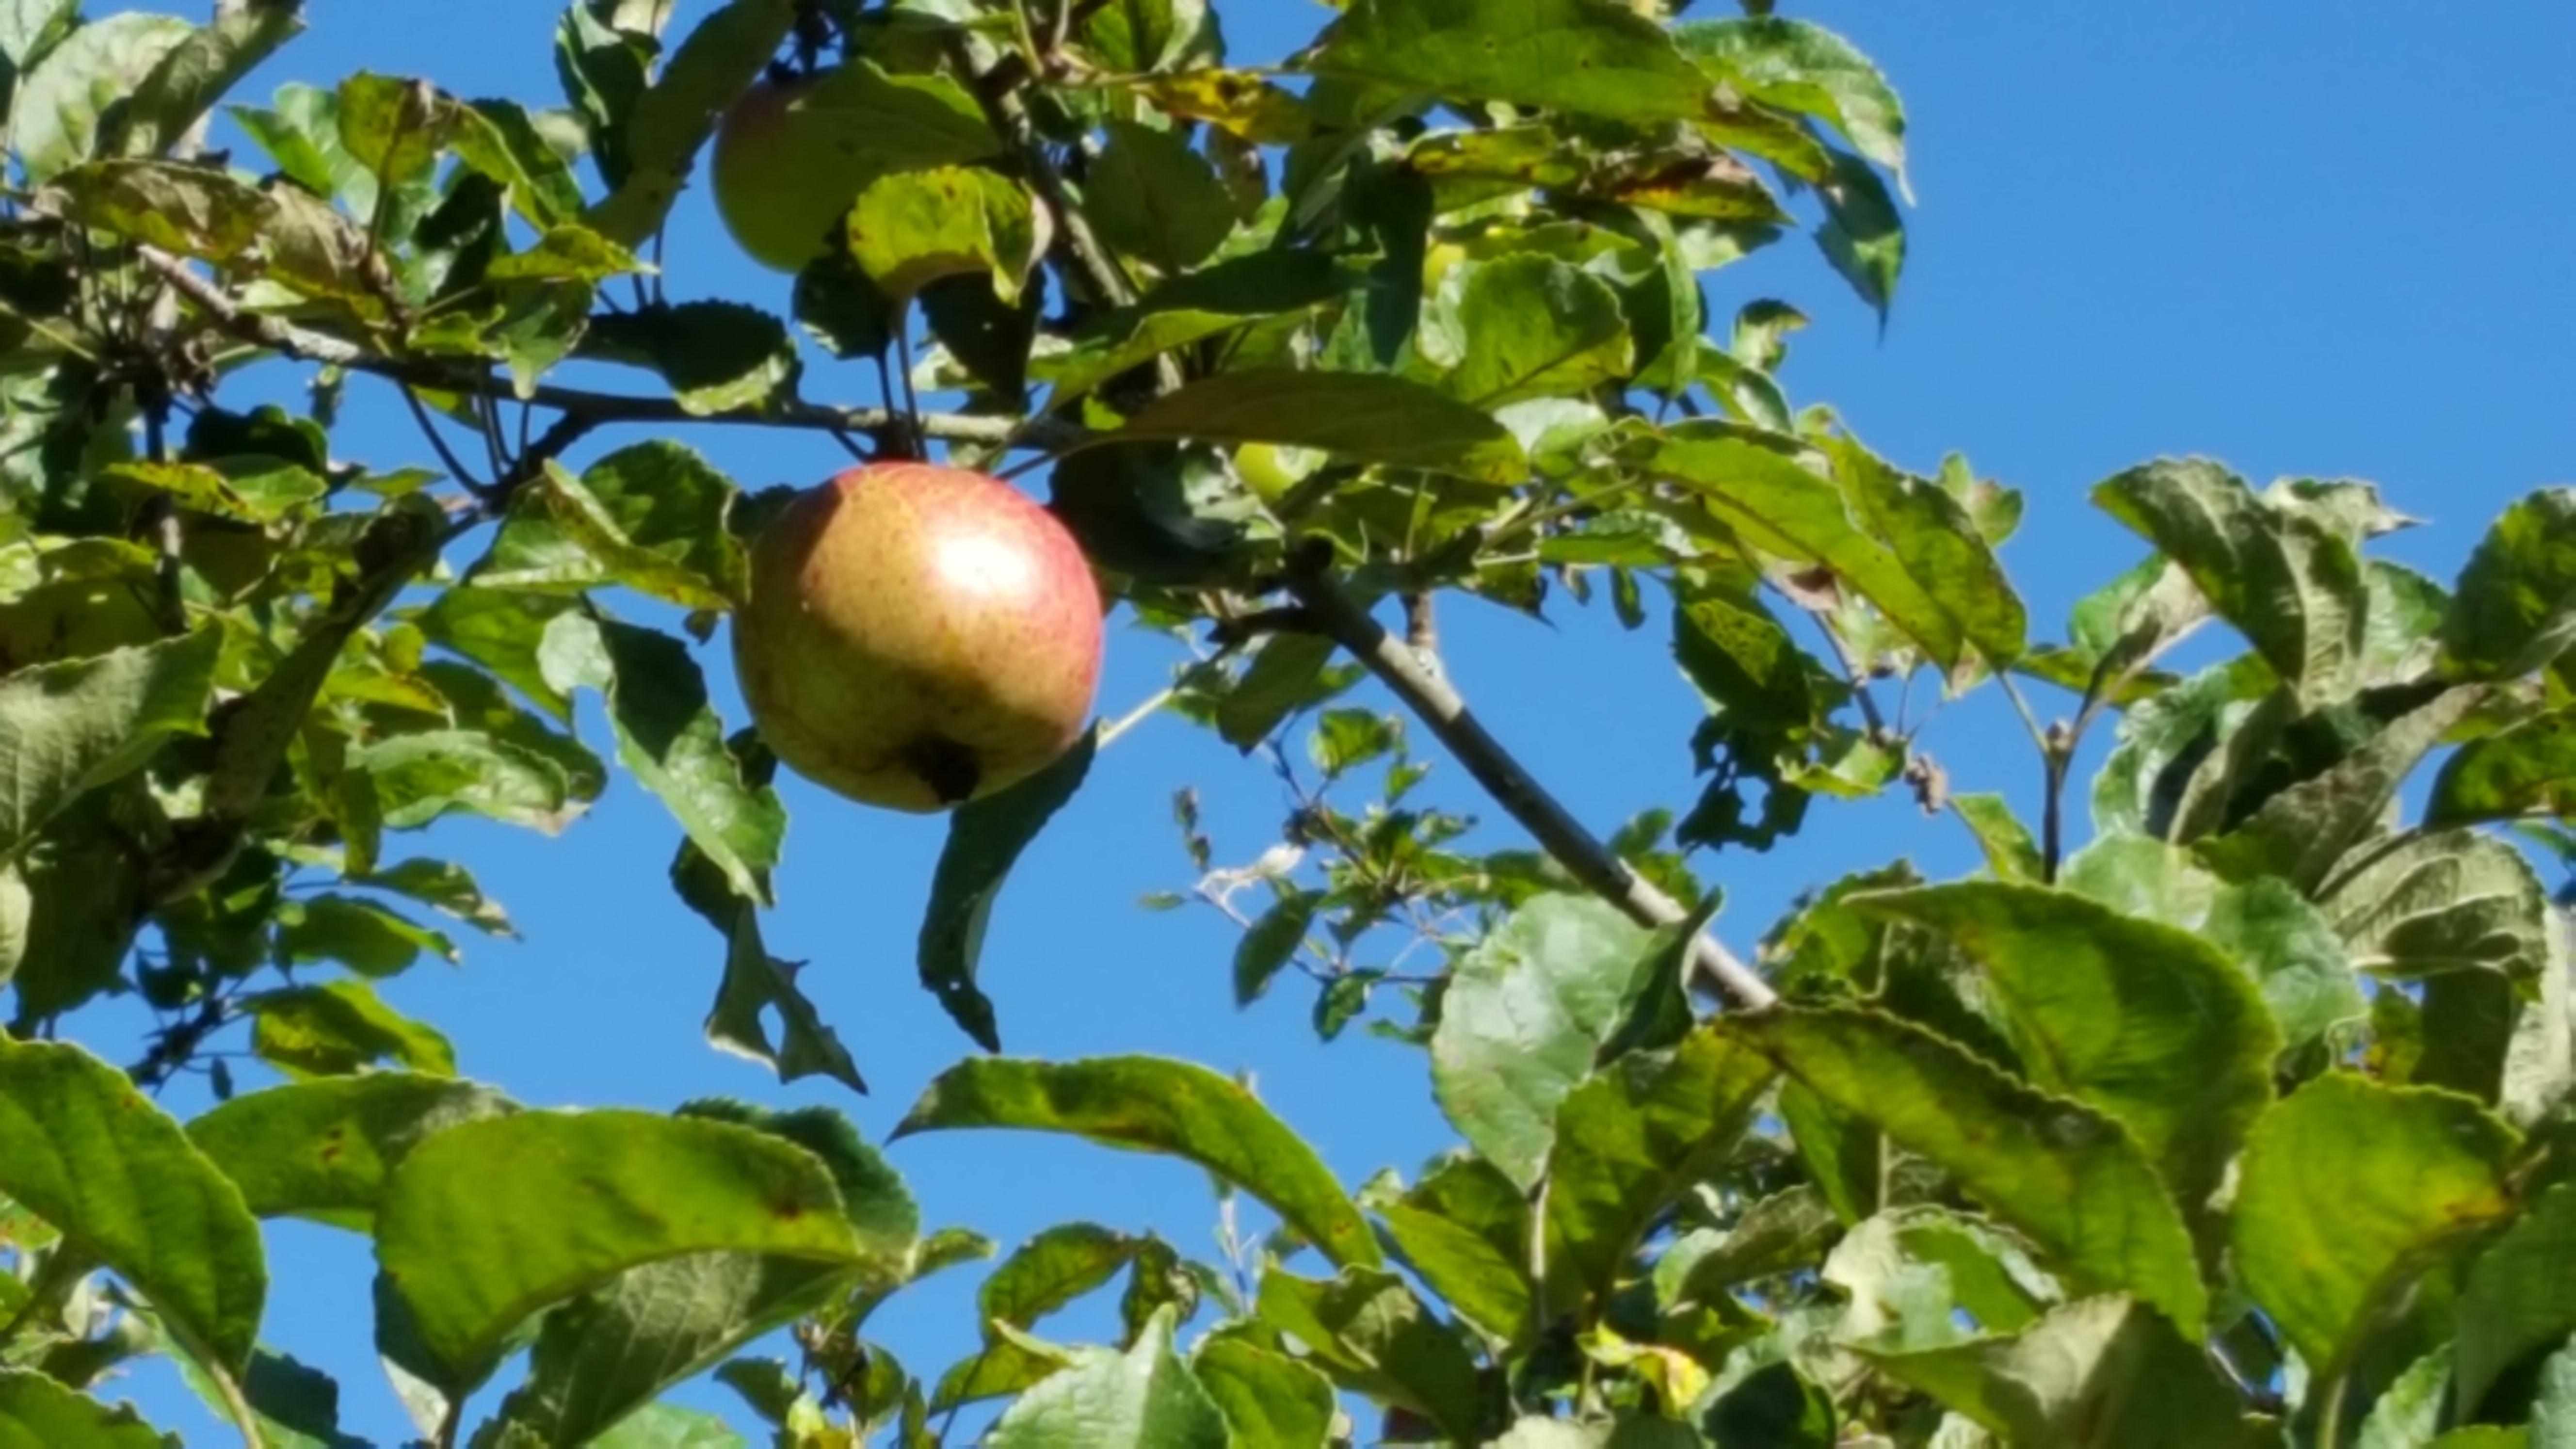 August 2016 - die Äpfel reifen...